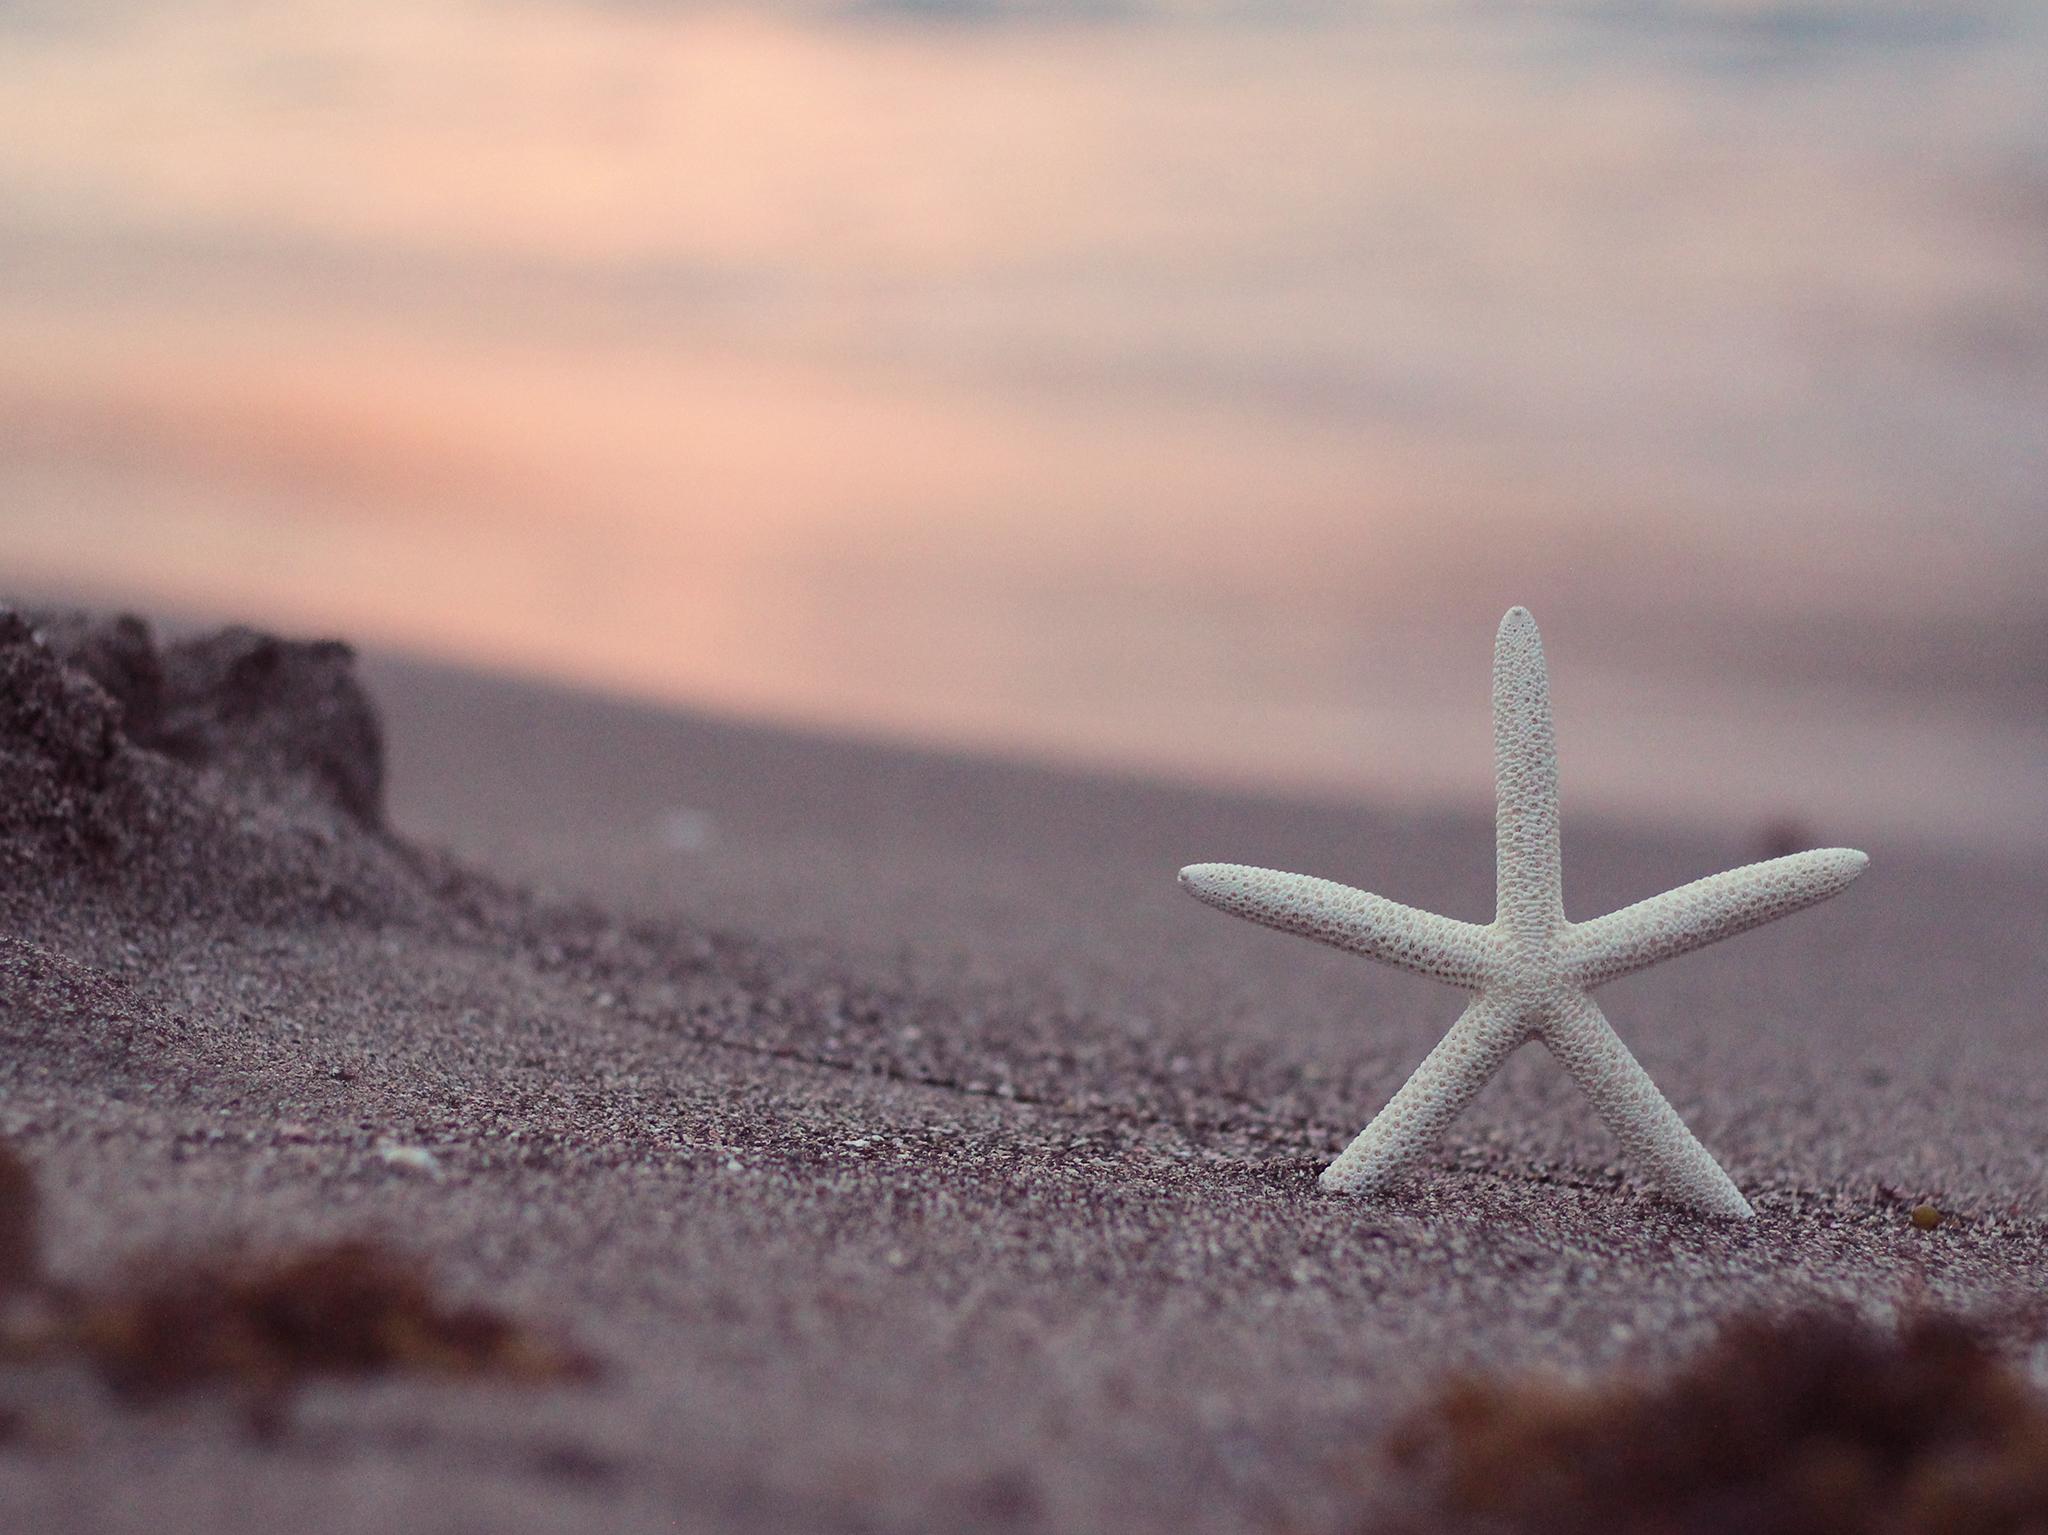 レユニオン島への行き方と観光のポイント!インド洋に浮かぶ絶景の島!